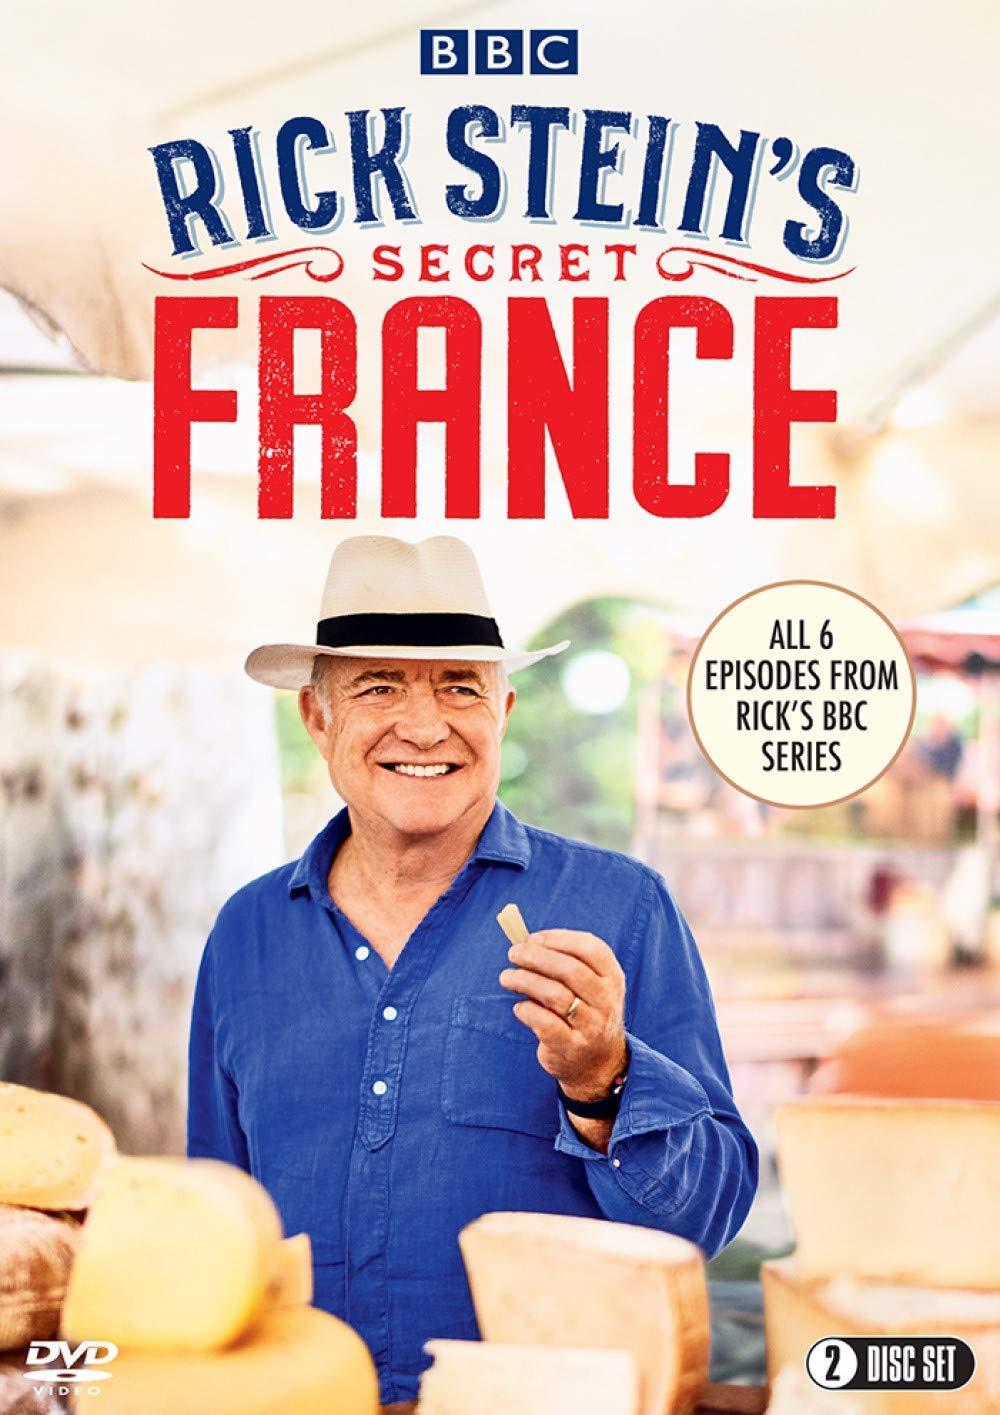 Rick.Steins.Secret.France.S01E04.HDTV.x264-LiNKLE